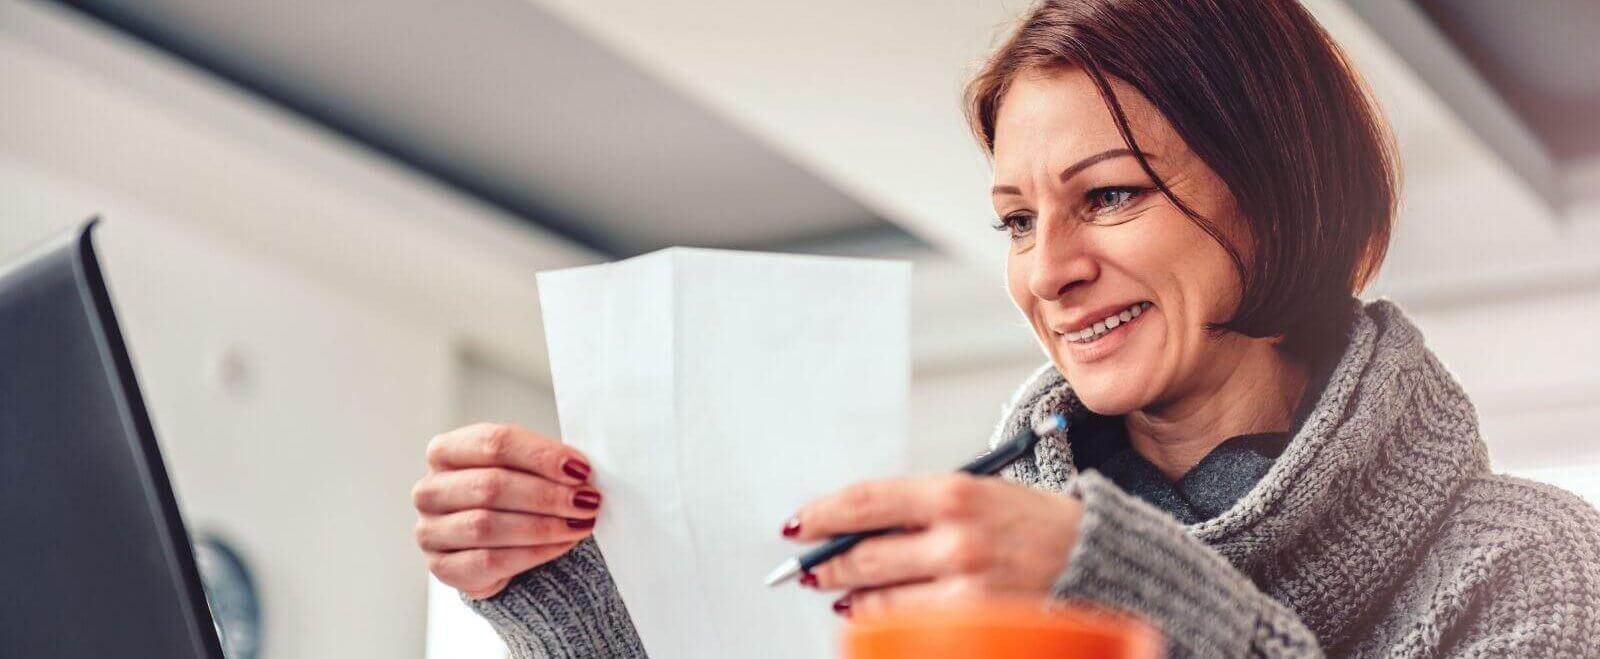 Steuerberatung: Was wünschen sich Mandanten?